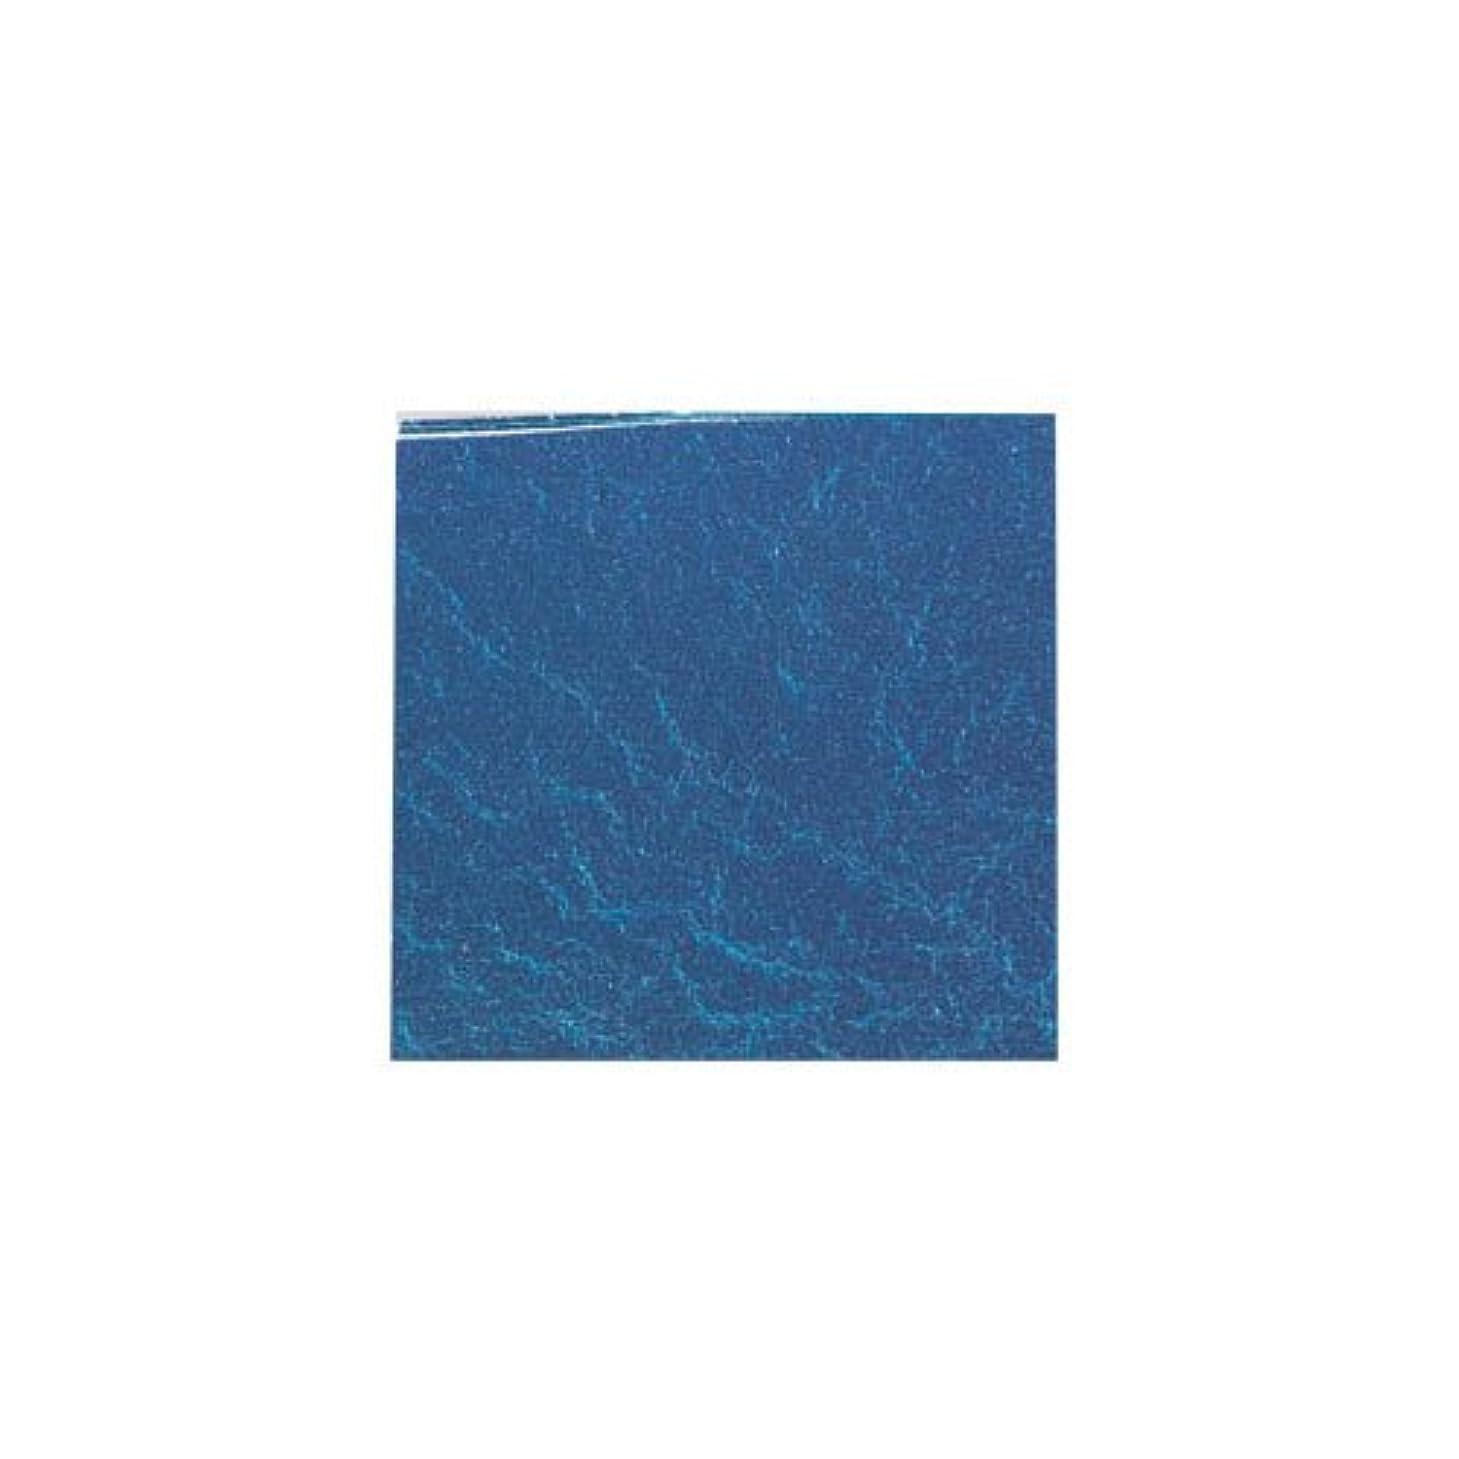 抜け目がないレビュアーリハーサルピカエース ネイル用パウダー カラー純銀箔 #613 藍色 3.5㎜角×5枚